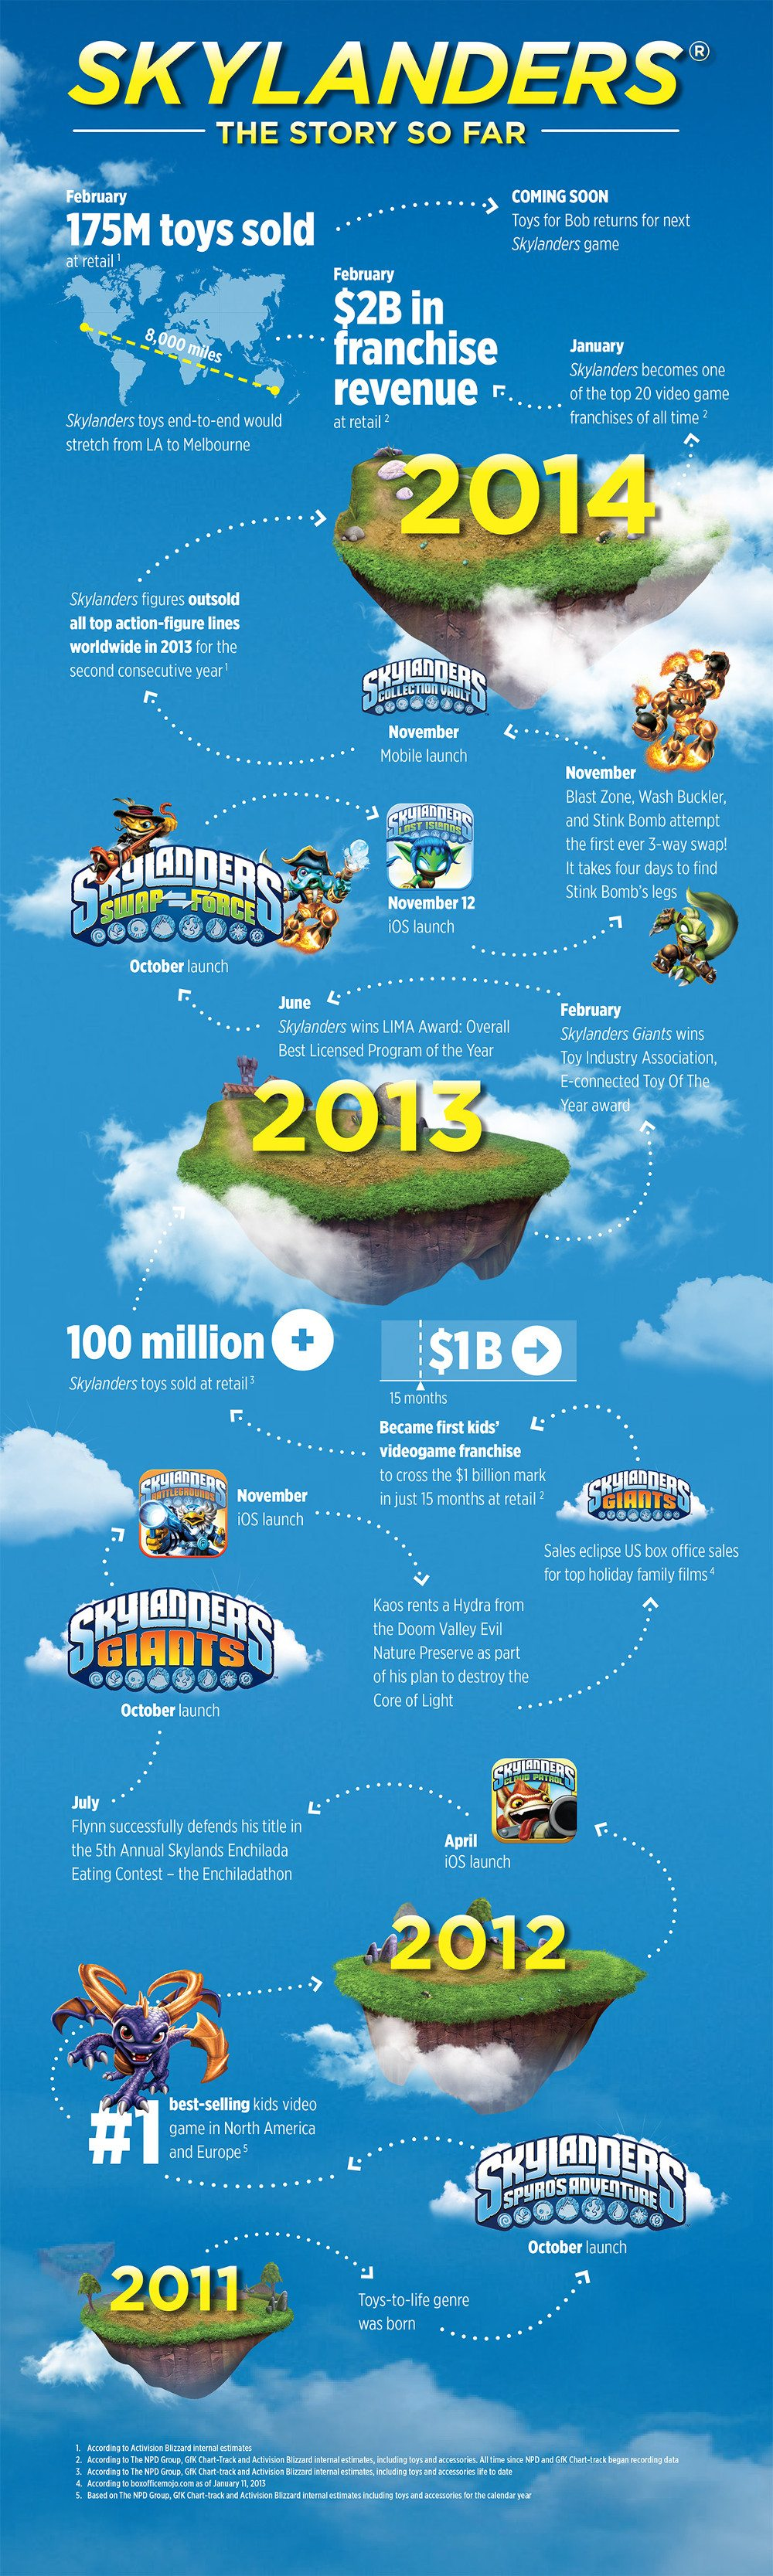 Skylanders_Franchise_Infographic_Final_MedRes